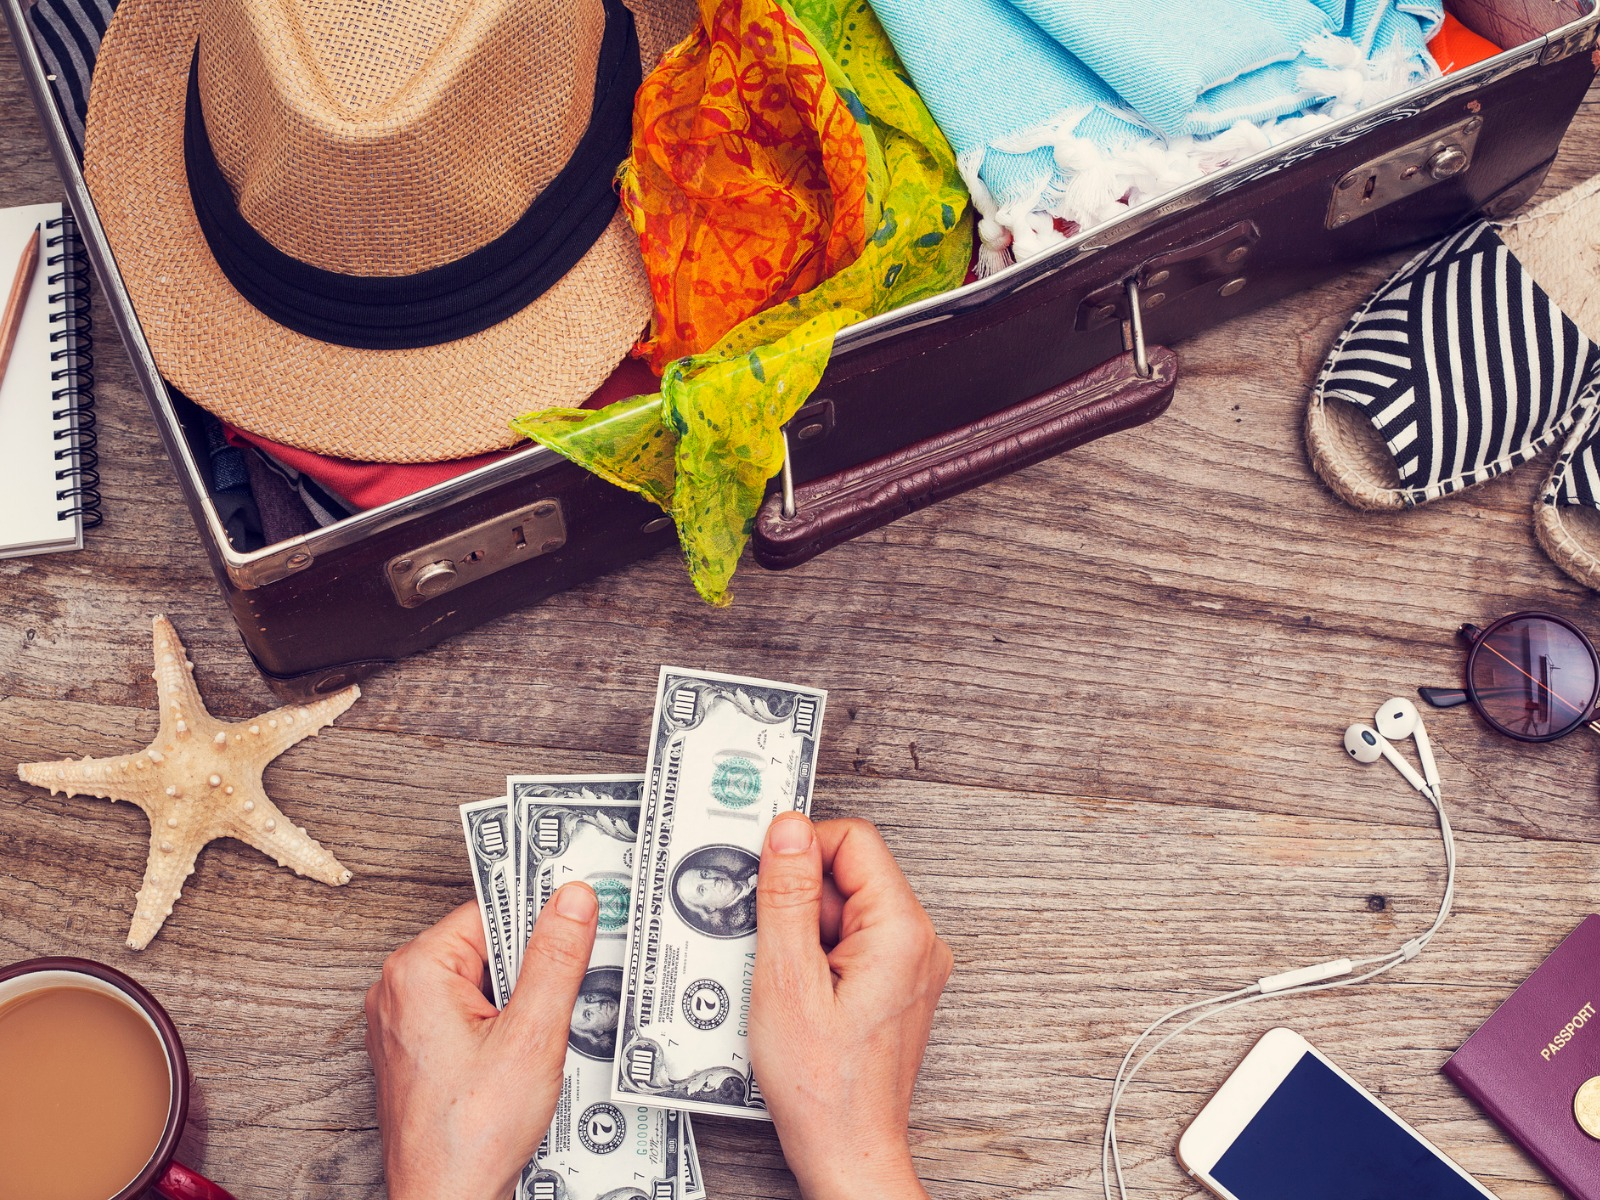 パラオ観光の費用・旅費・予算まとめ 飛行機代・ホテル代・食費・ツアー代など